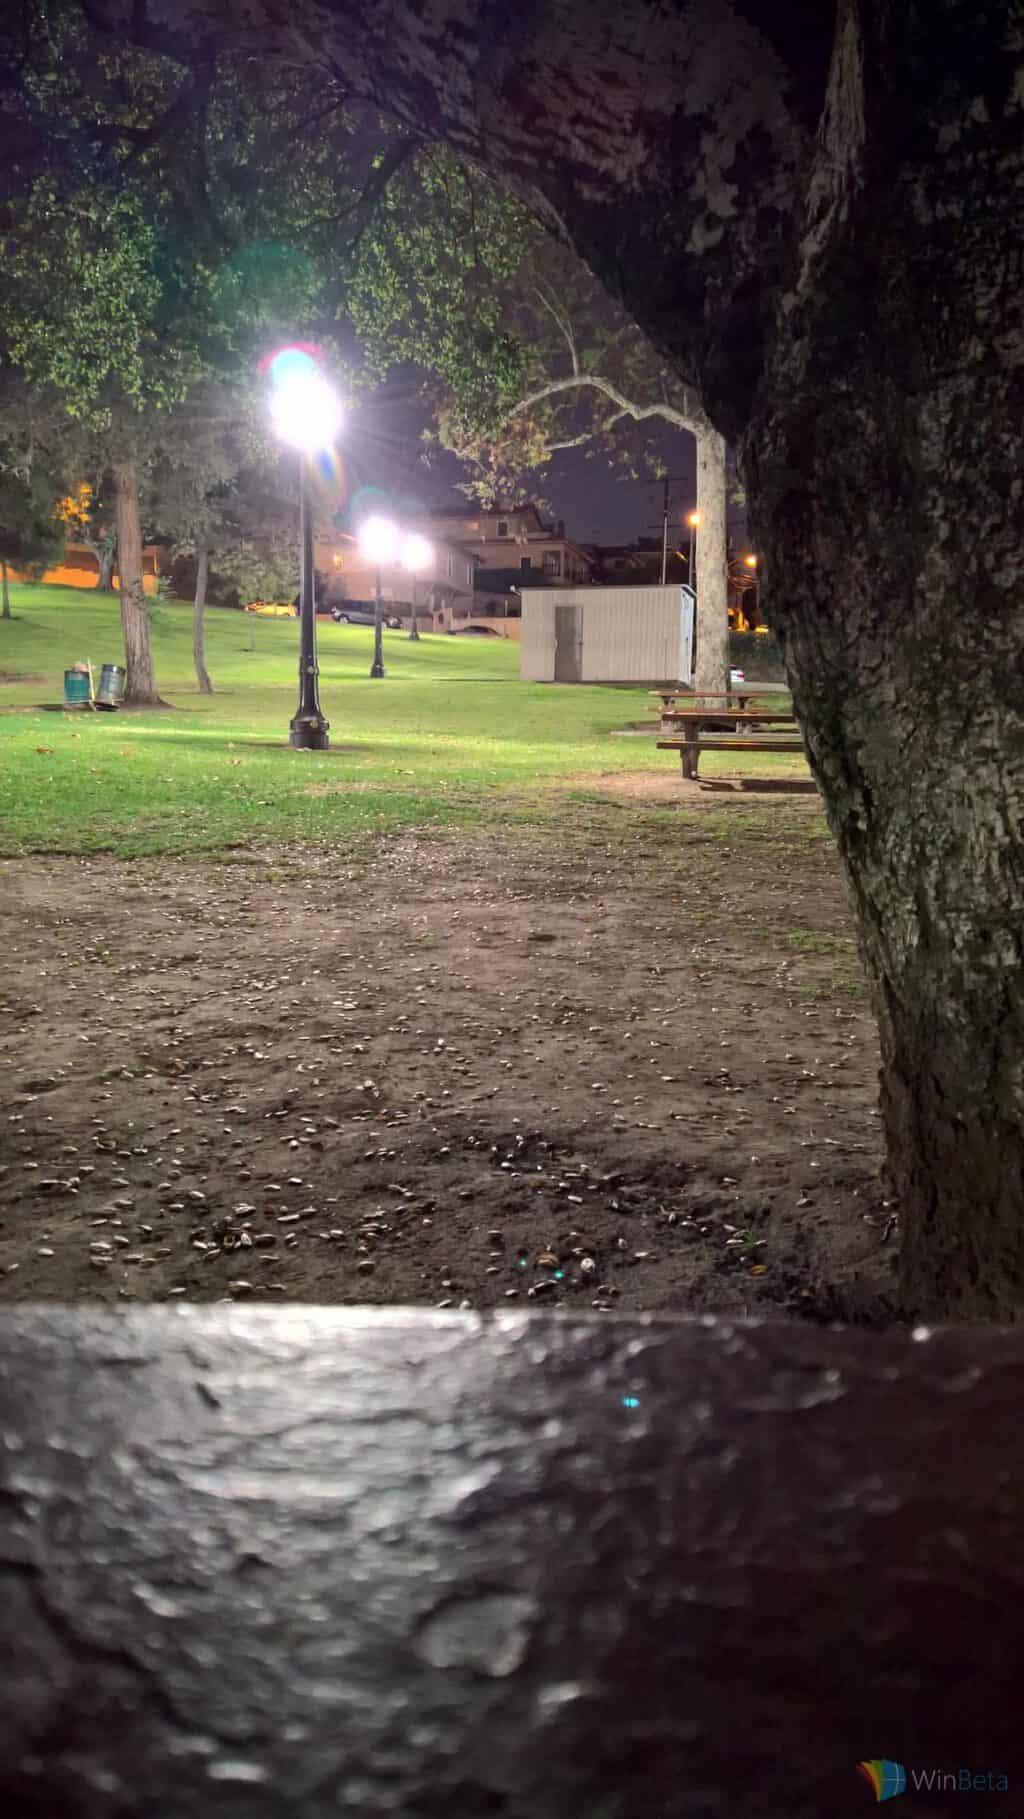 Lumia 950 manual shot in park at night.